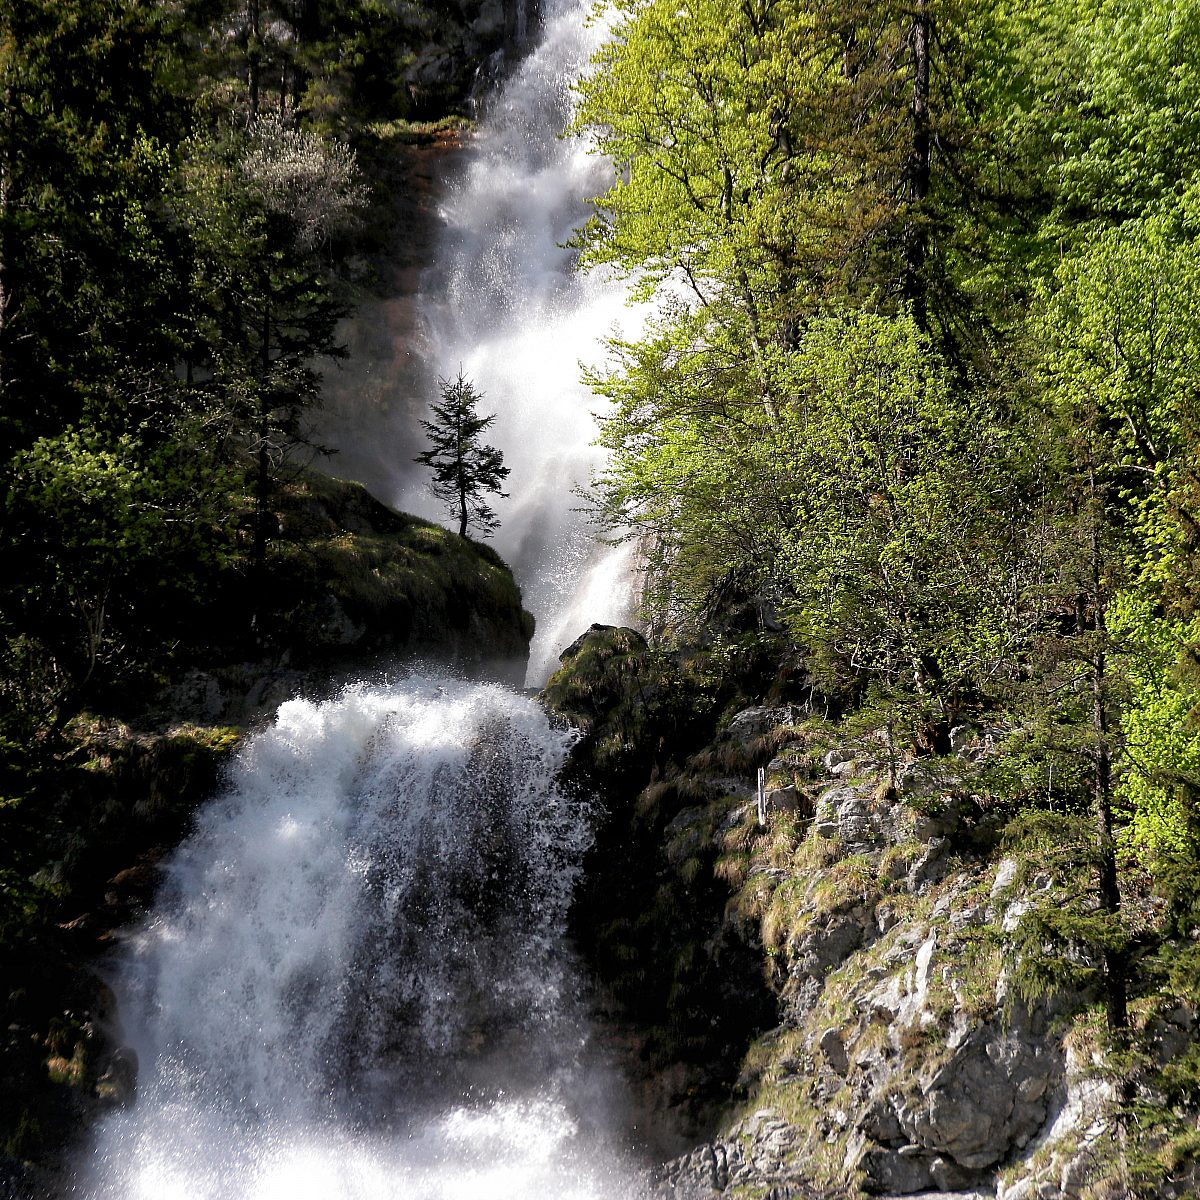 Toplitzsee wasserfall6 castrid eder